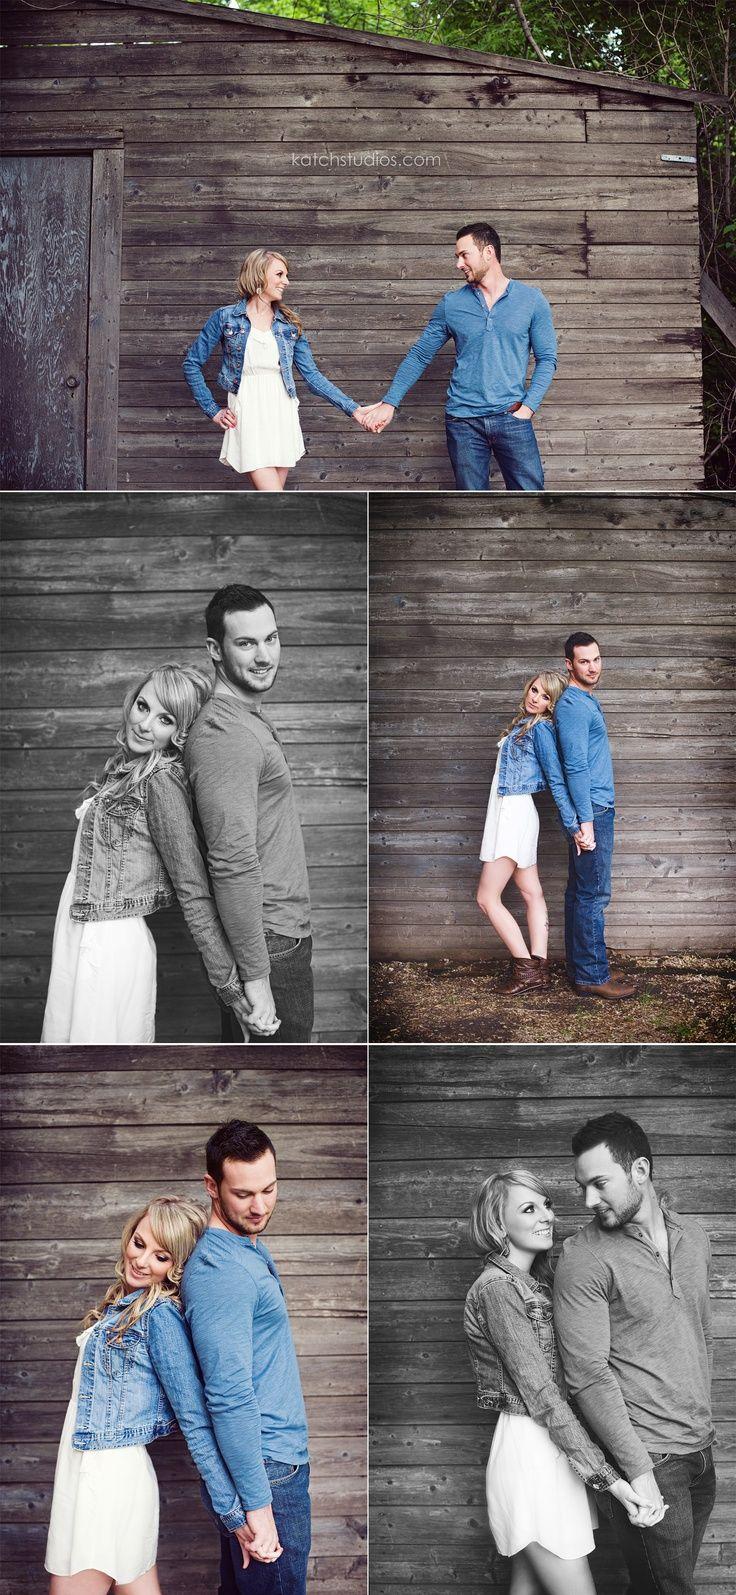 облегчить вам фото правильного позирования пары научился играть